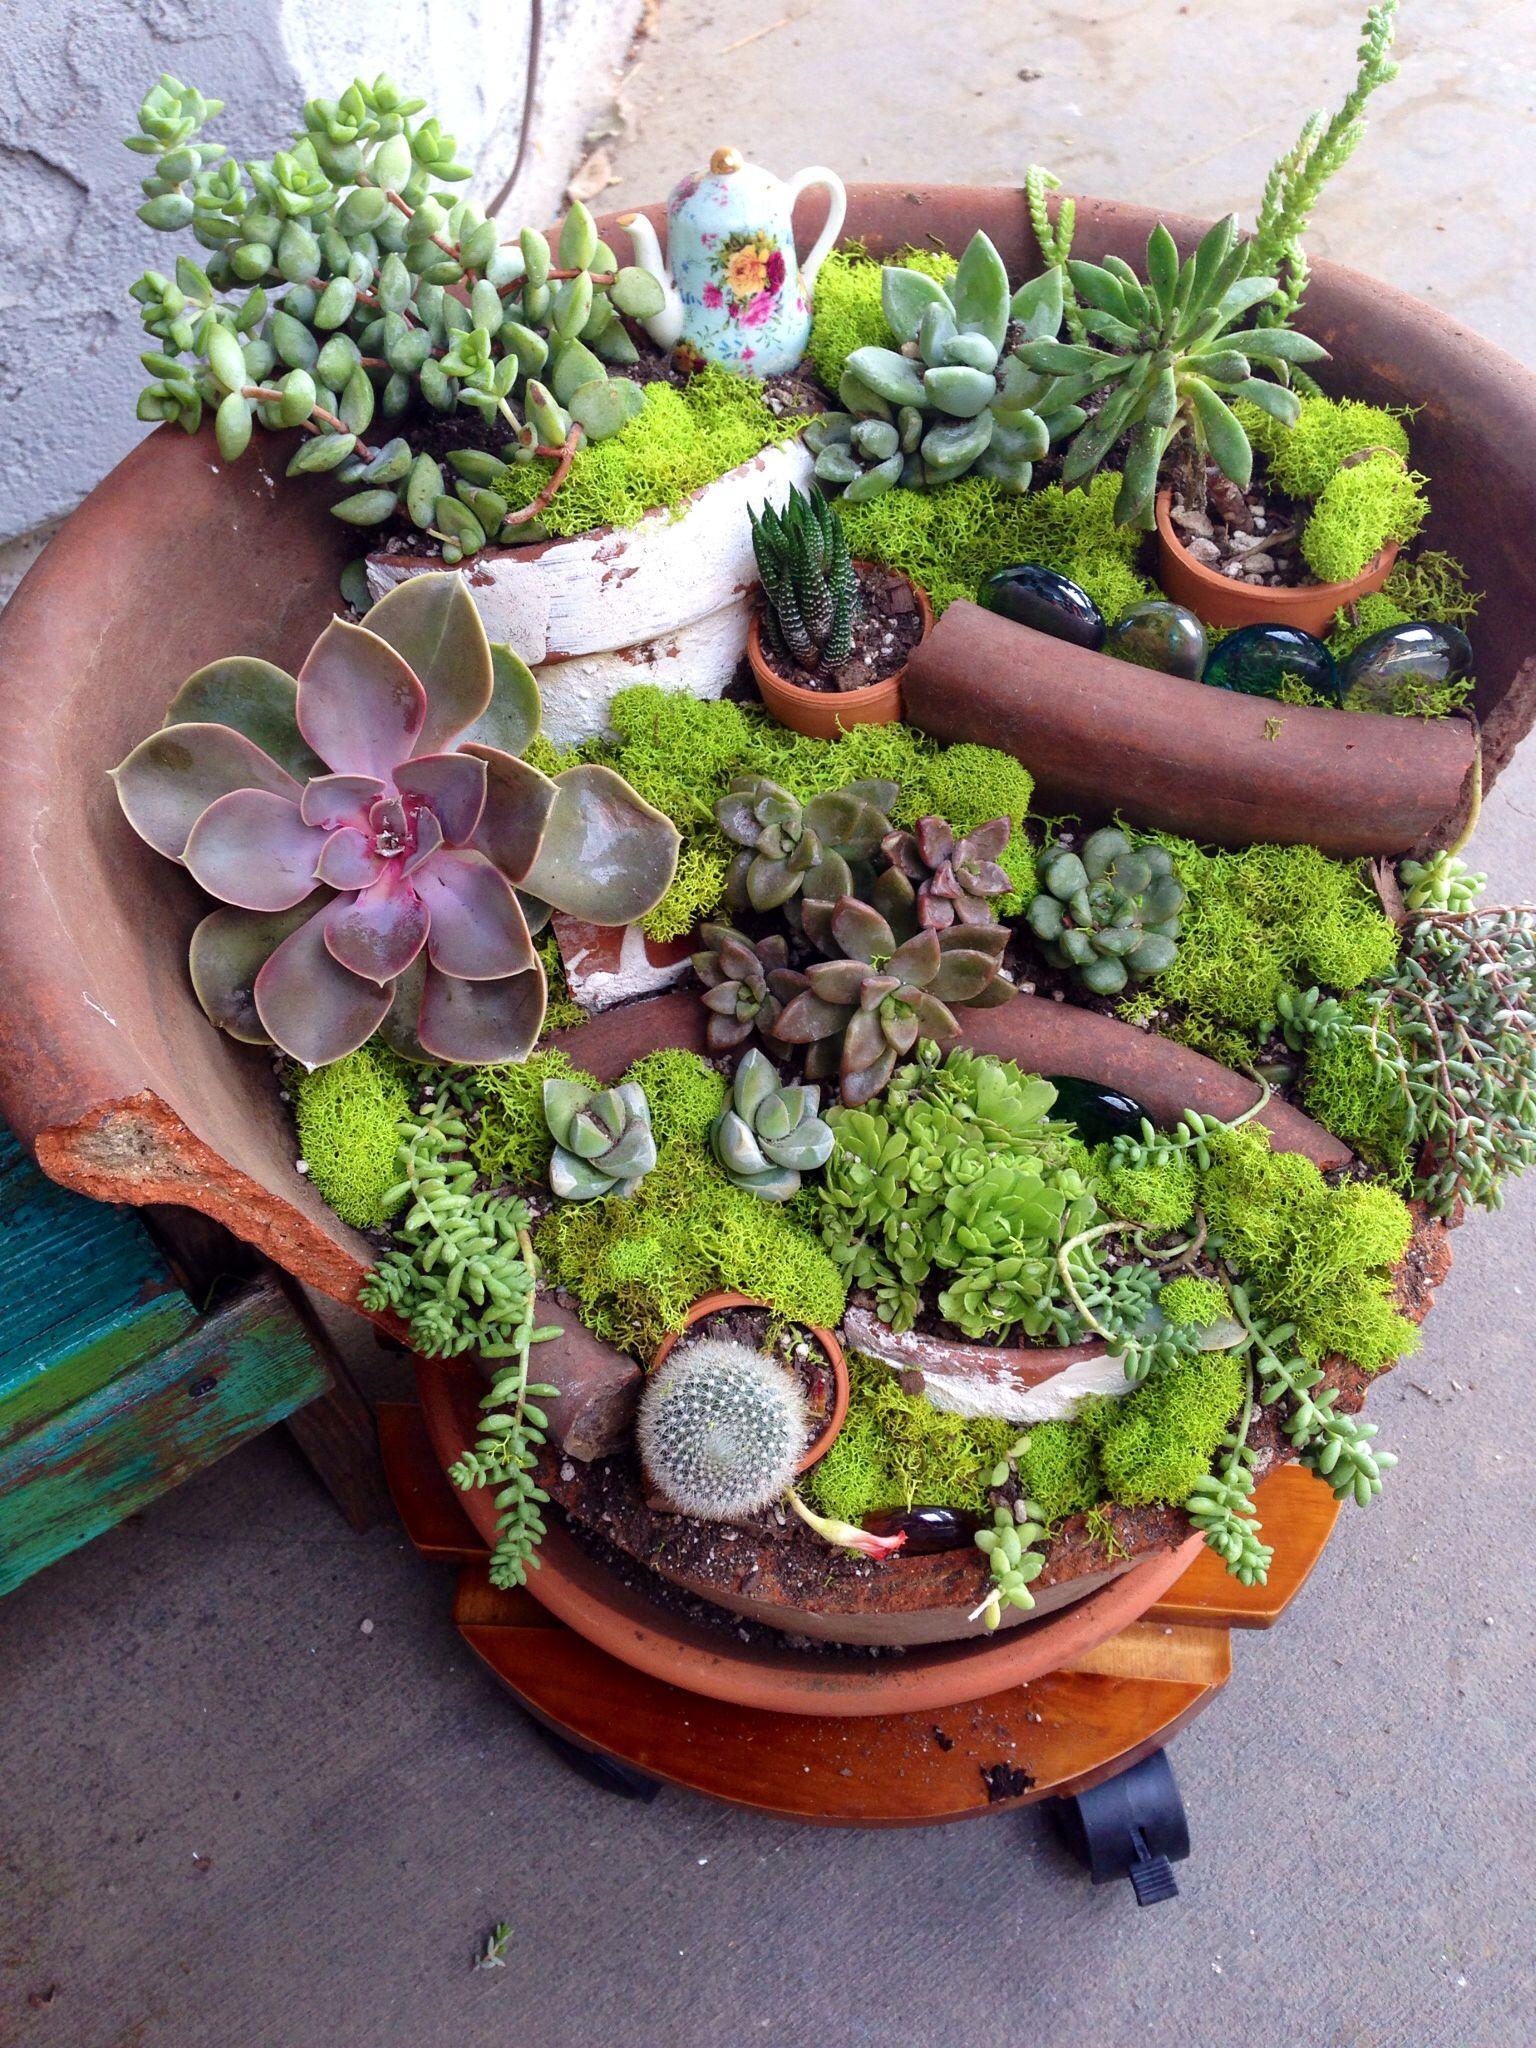 My.broken pot with succulents